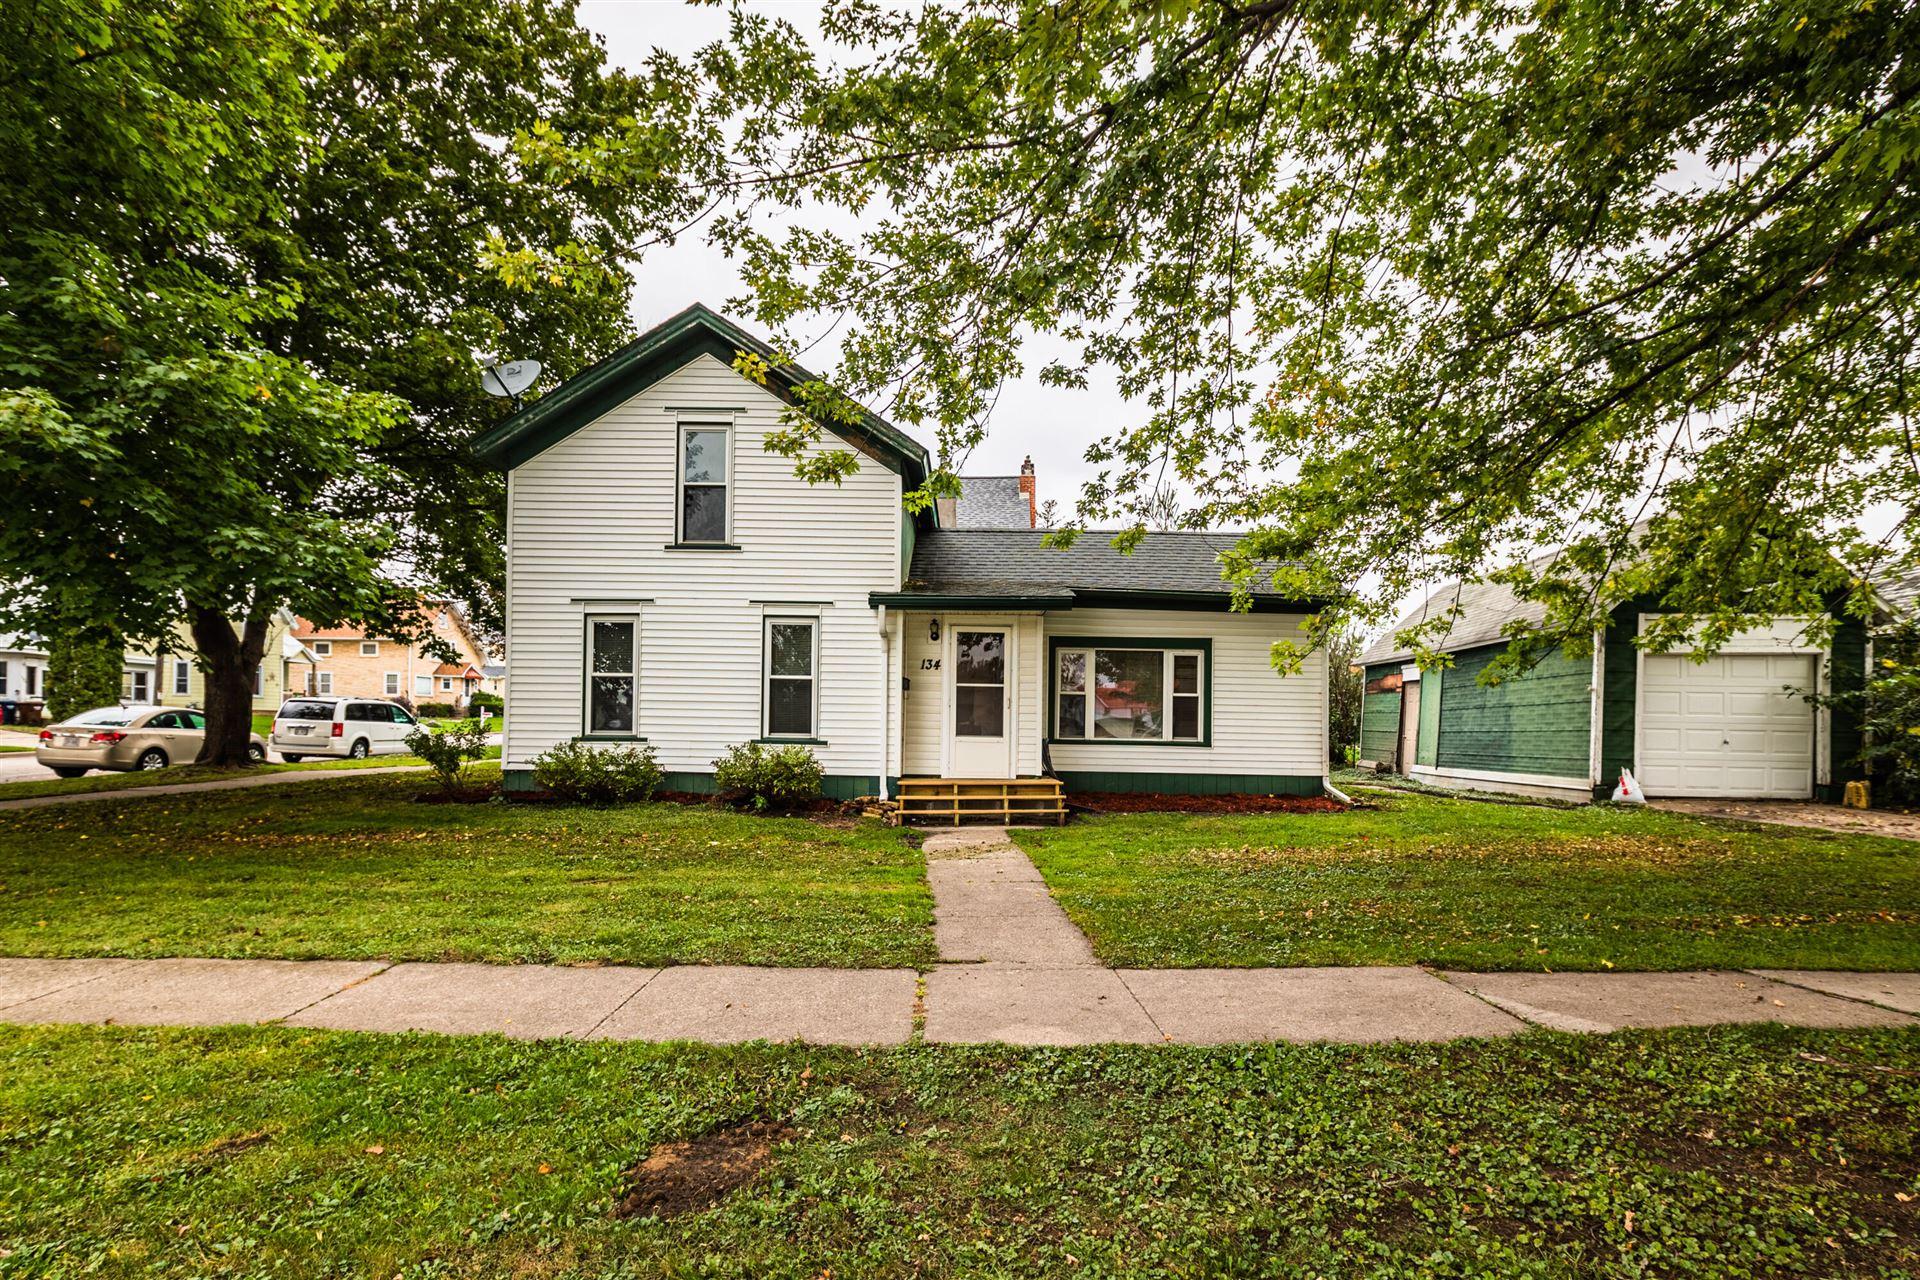 134 Franklin St W, West Salem, WI 54669 - MLS#: 1767931